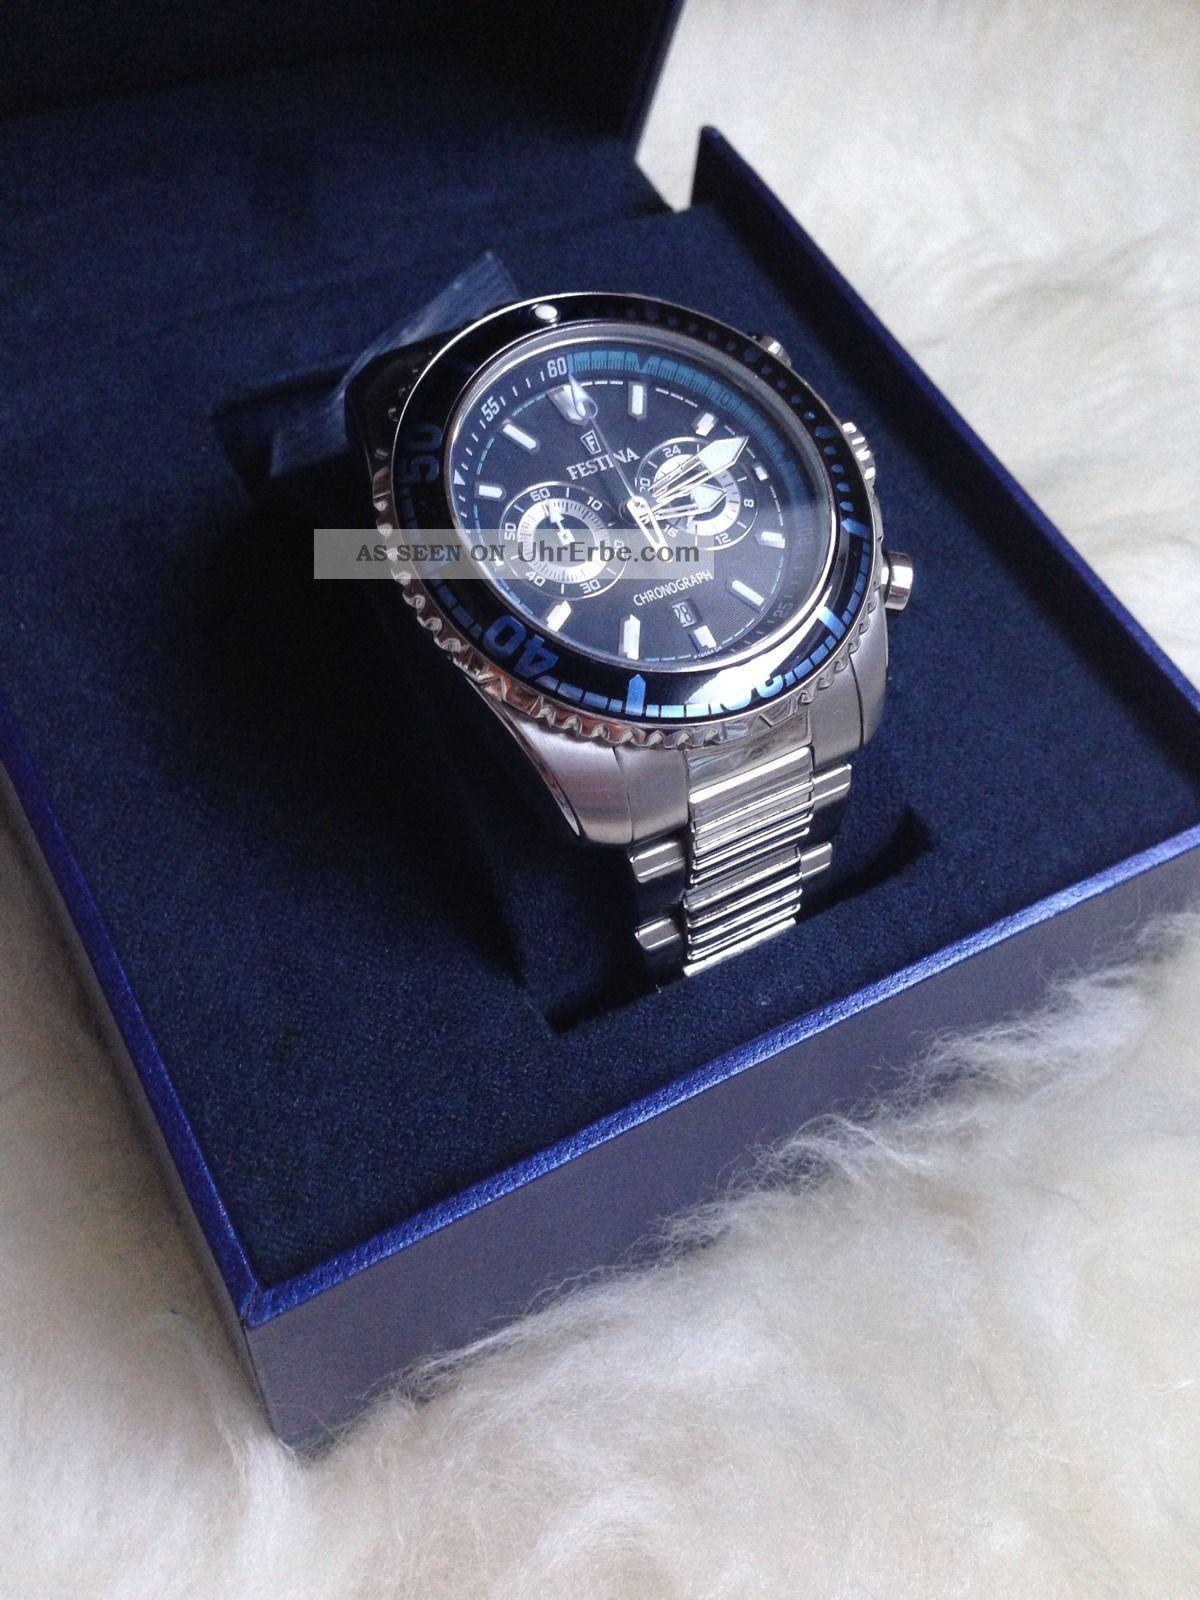 Edle Festina Herrenuhr F16564 Armbanduhren Bild